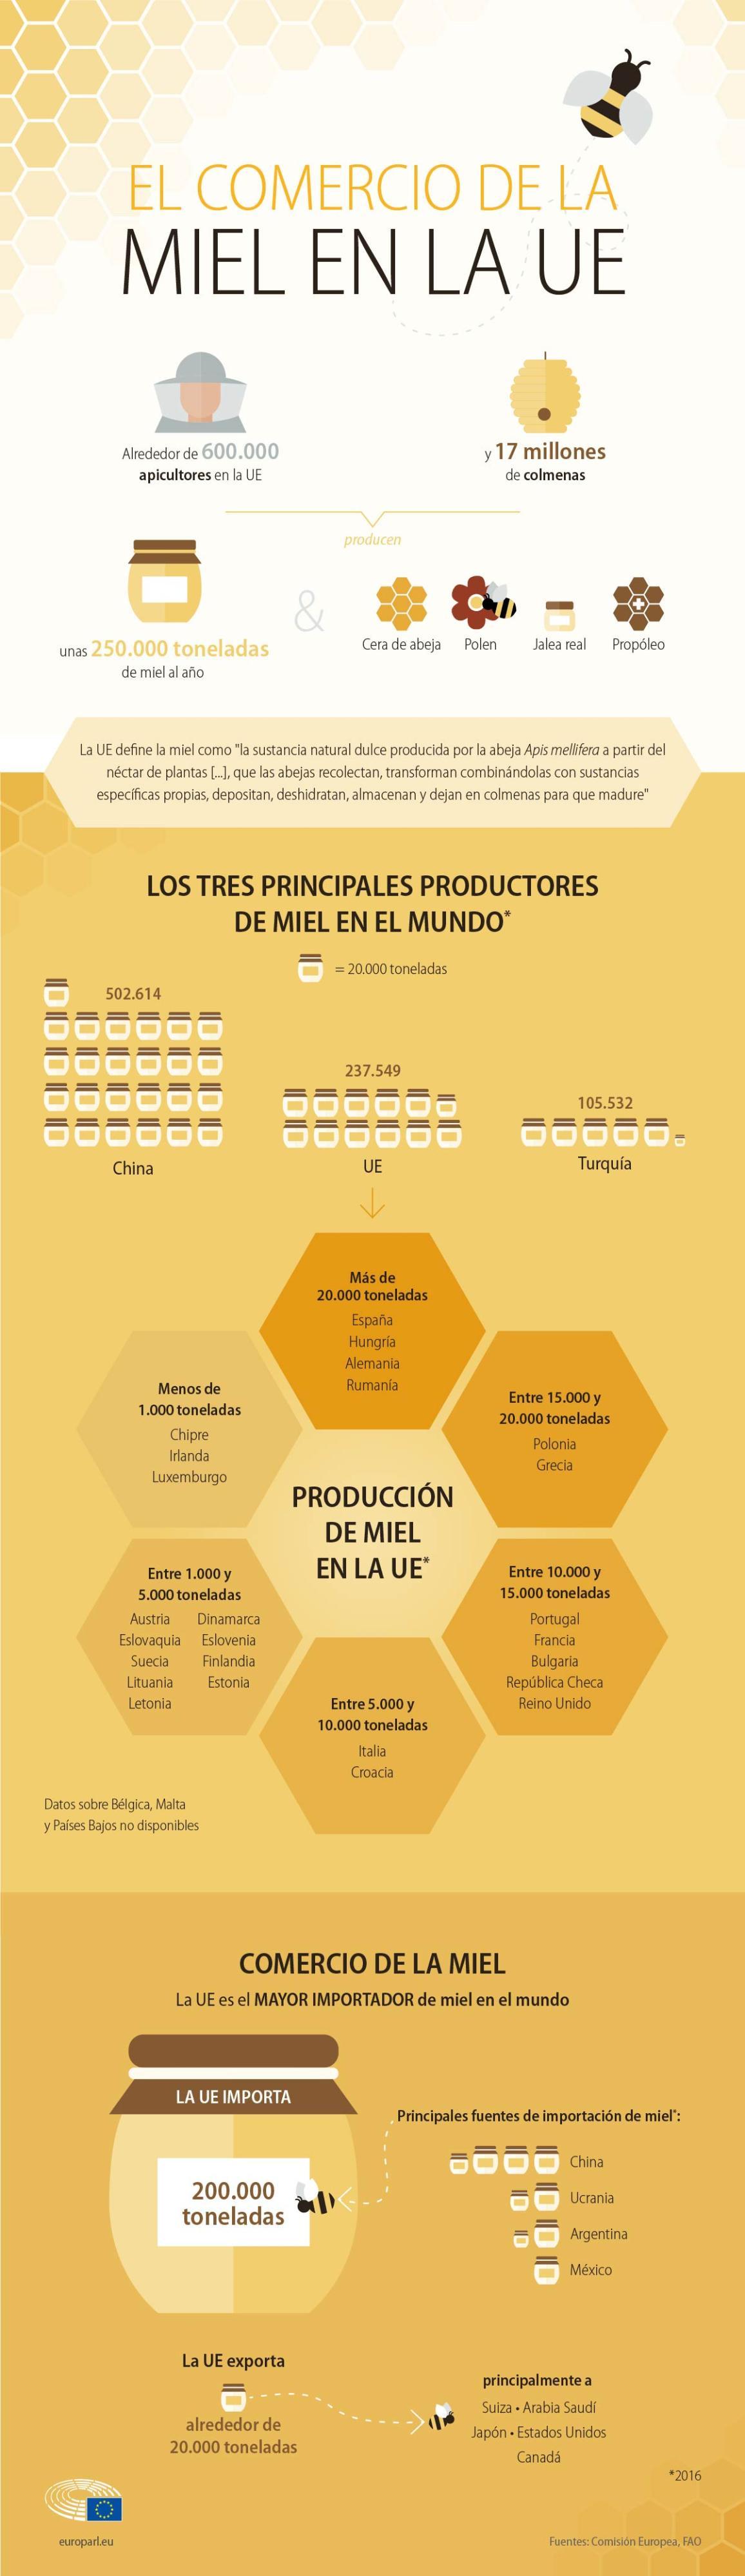 Infografía sobre el mercado de la miel en Europa